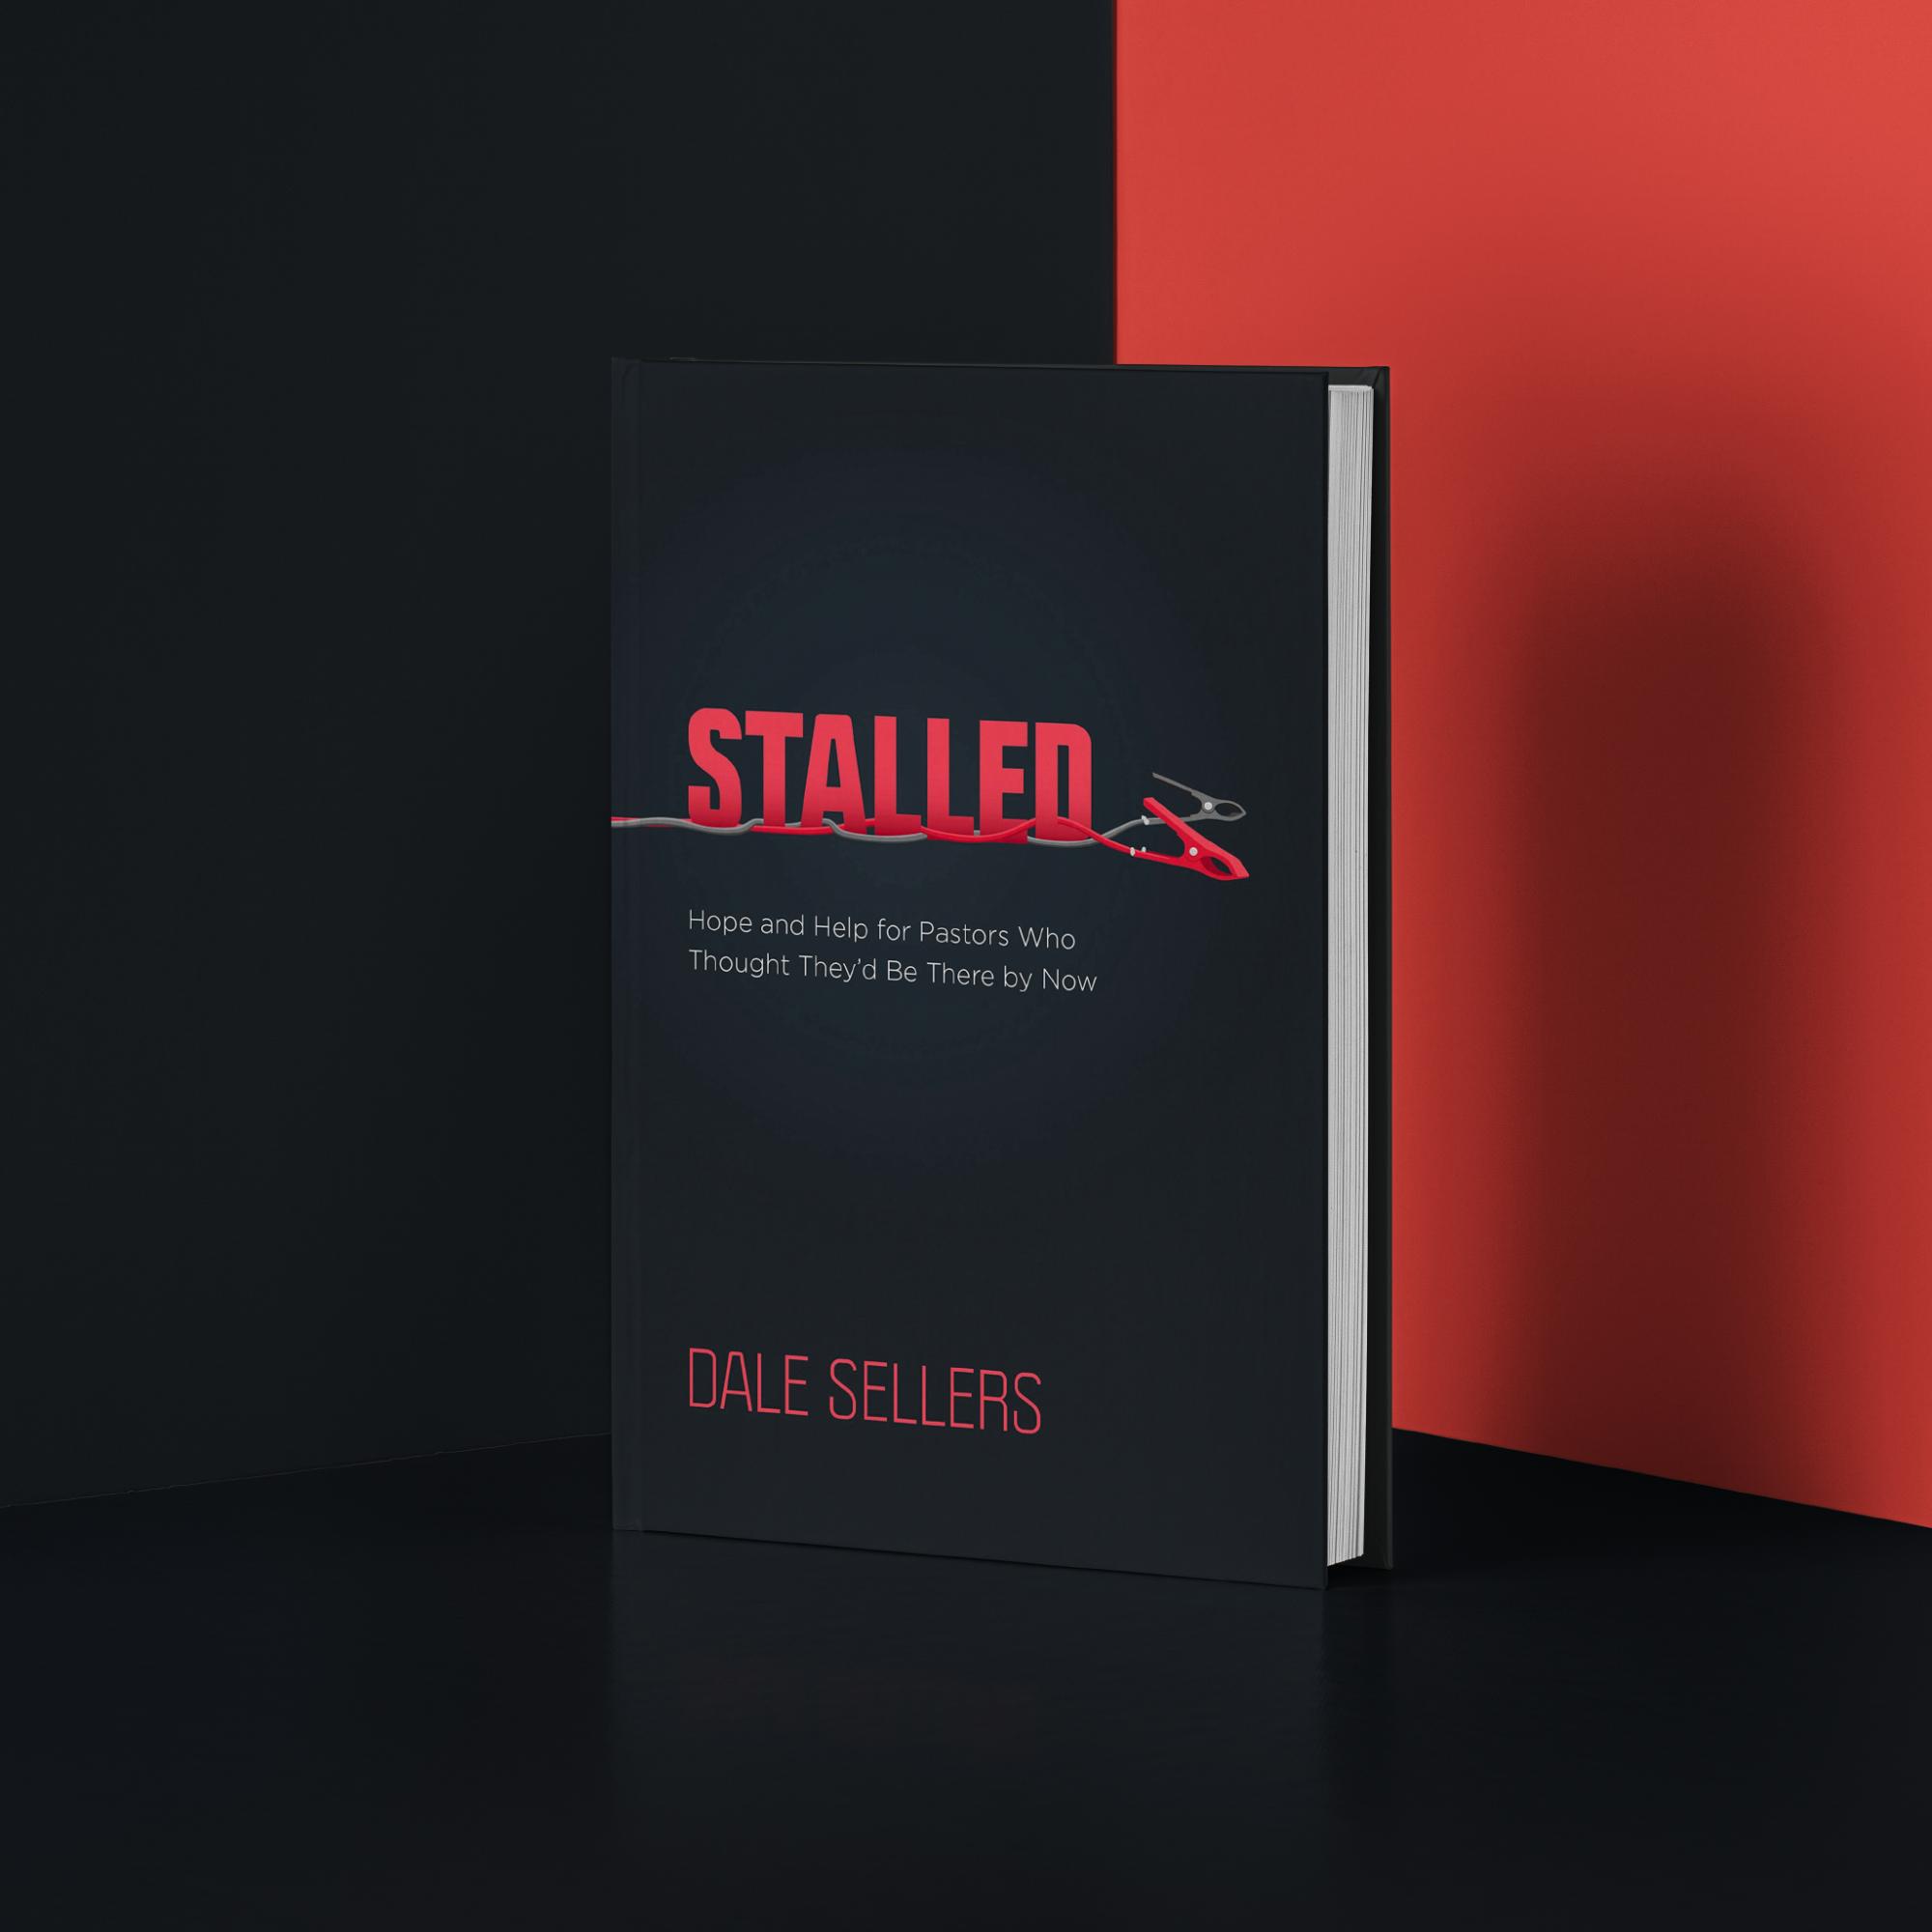 StalledBook